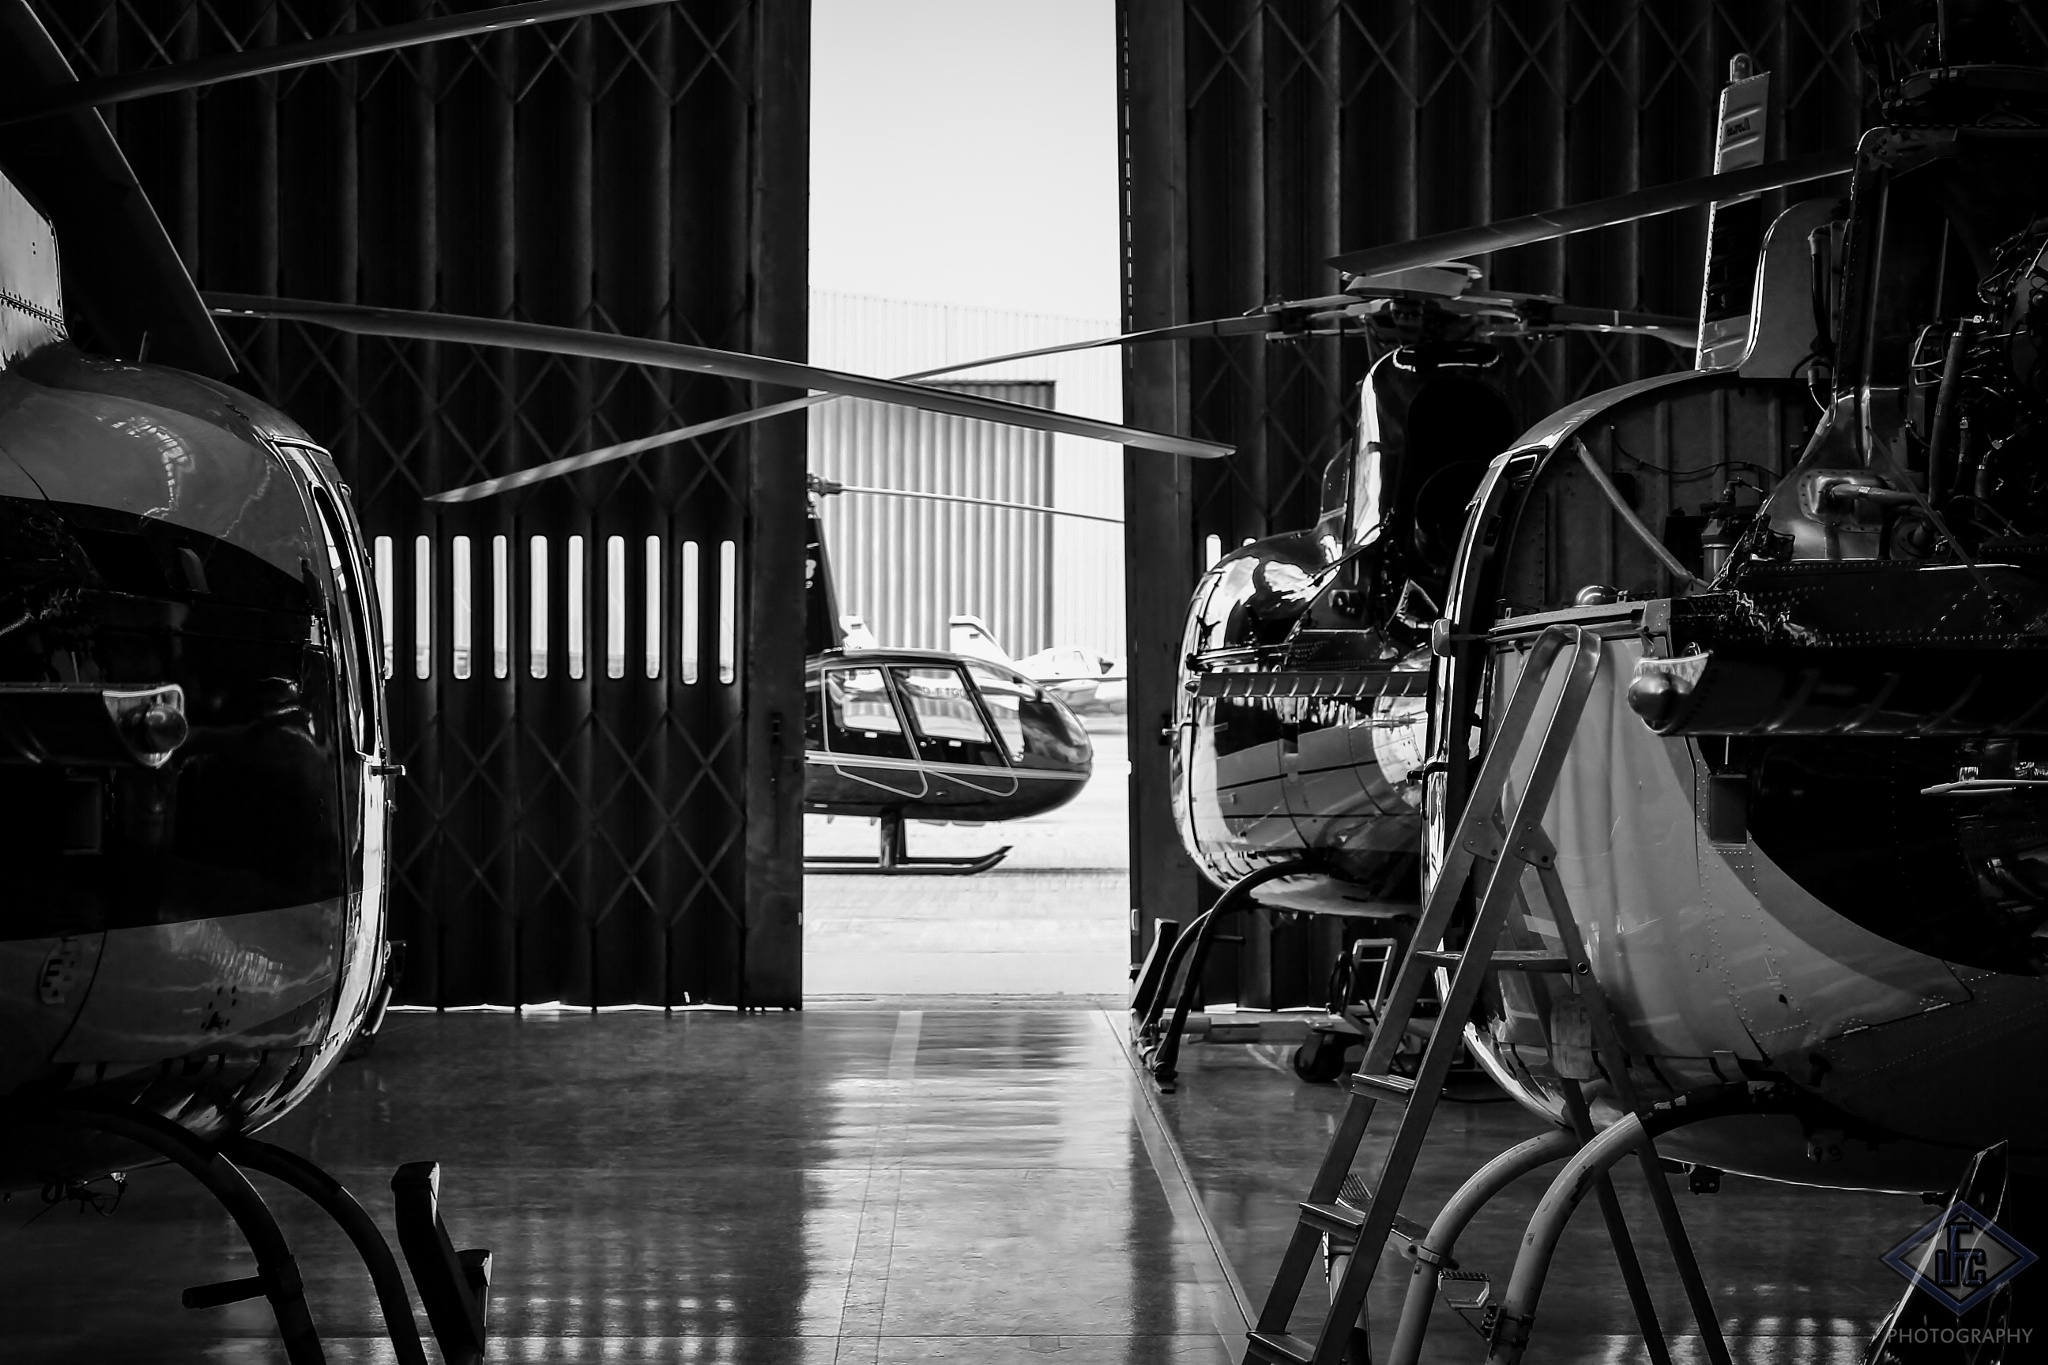 Open the Gates by LuisFilipeCorreia